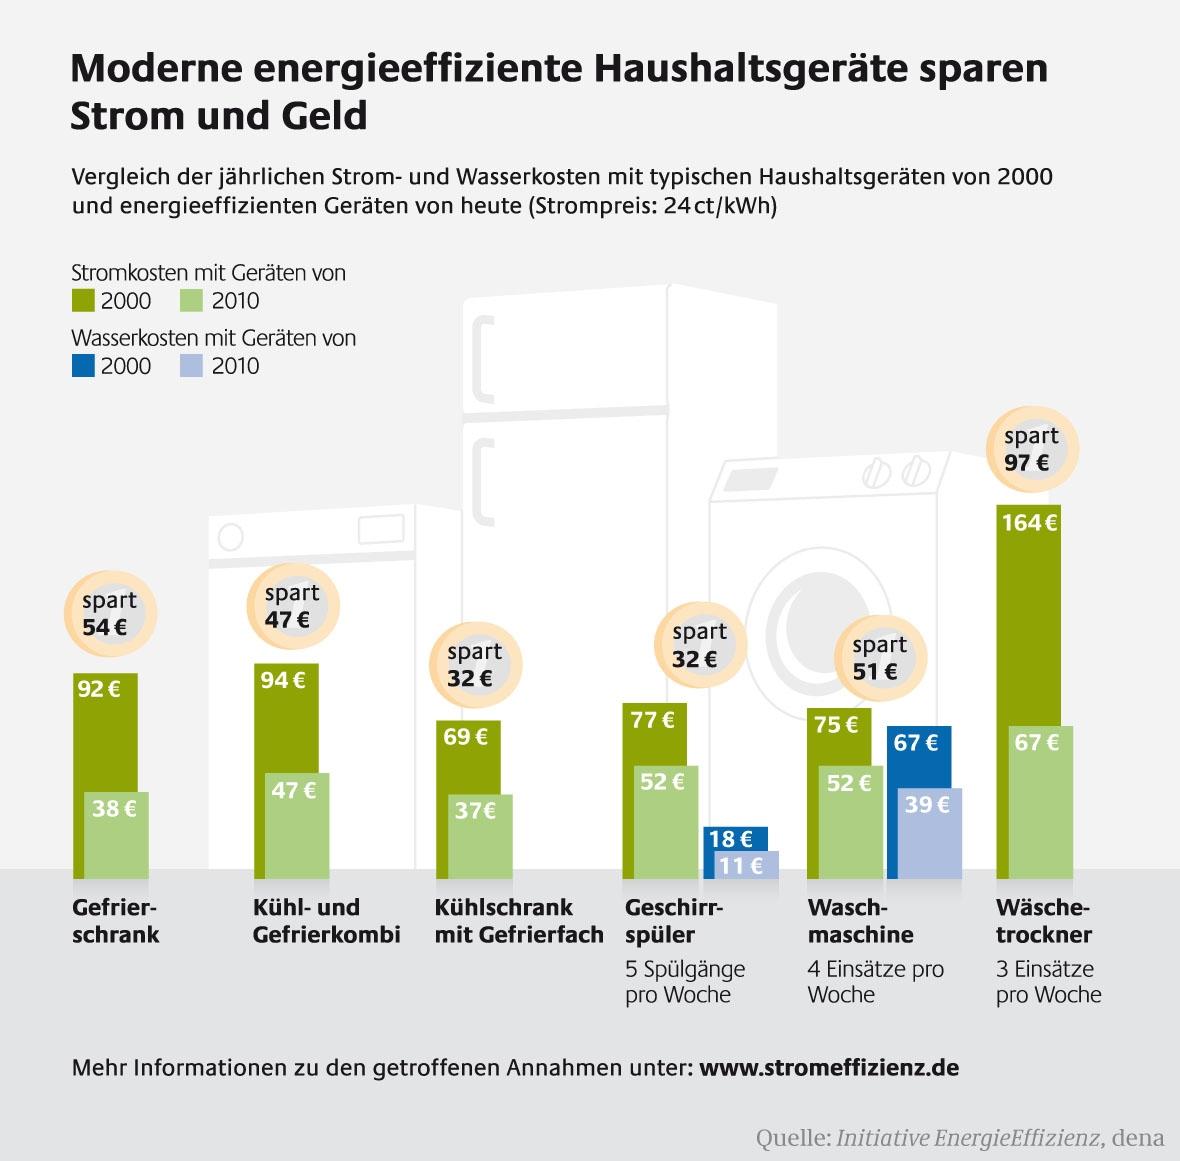 Moderne energieeffiziente Haushaltsgeräte sparen Strom und Geld